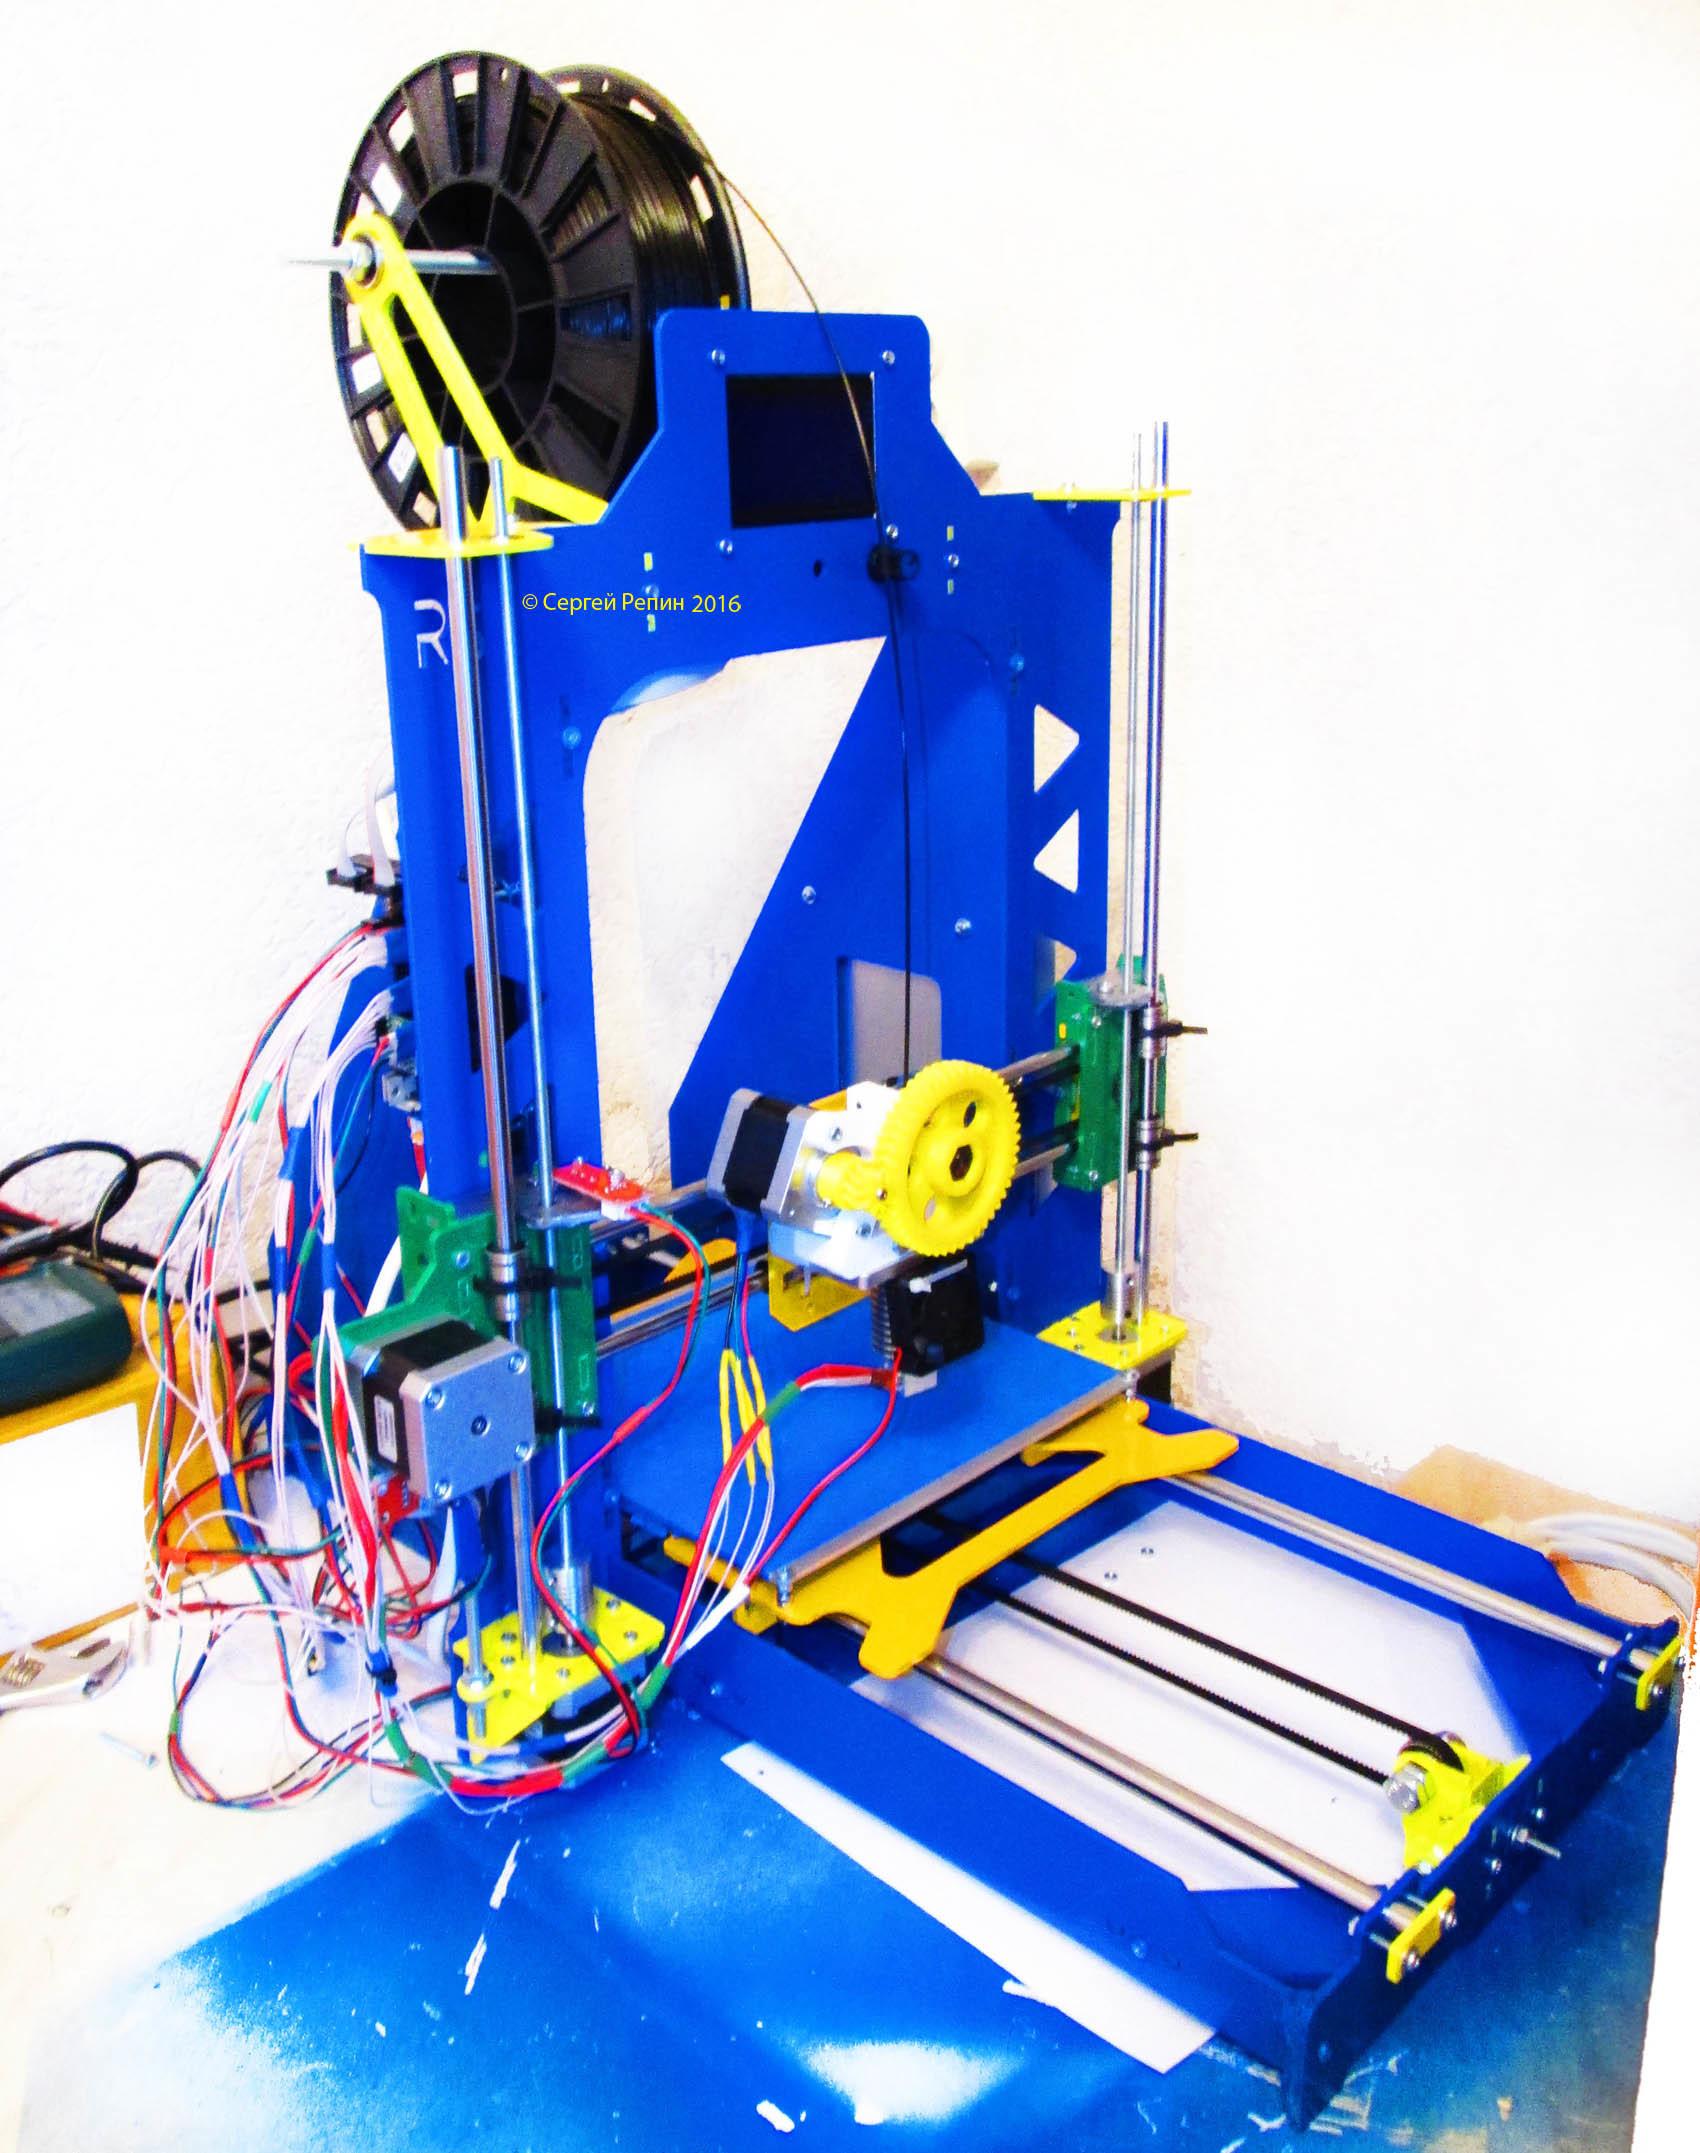 Создание 3D принтера юным инженером — каково это? - 1